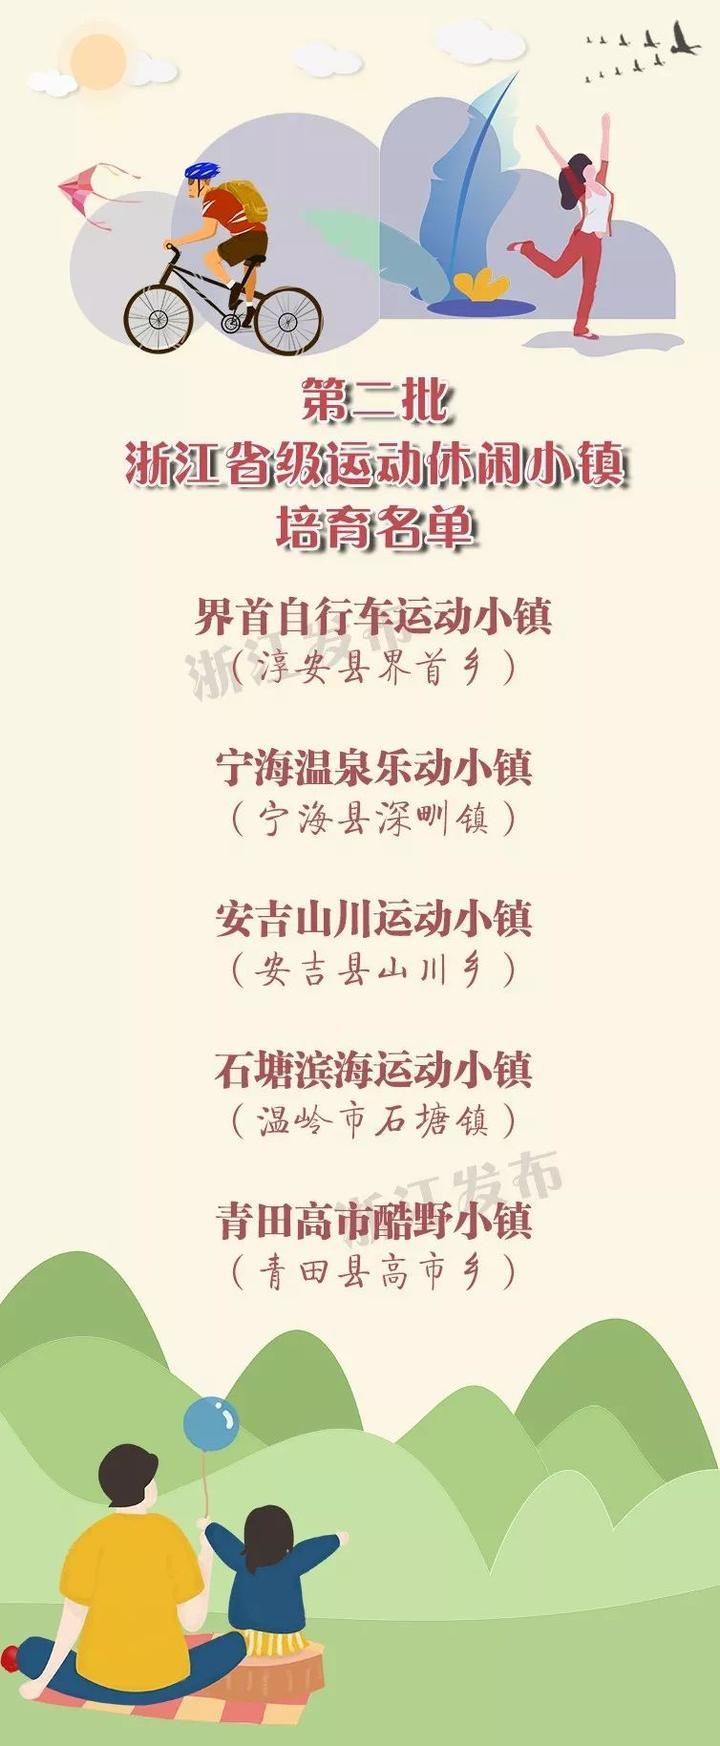 【浙江榜单】第二批浙江省运动休闲小镇培育名单(5个)